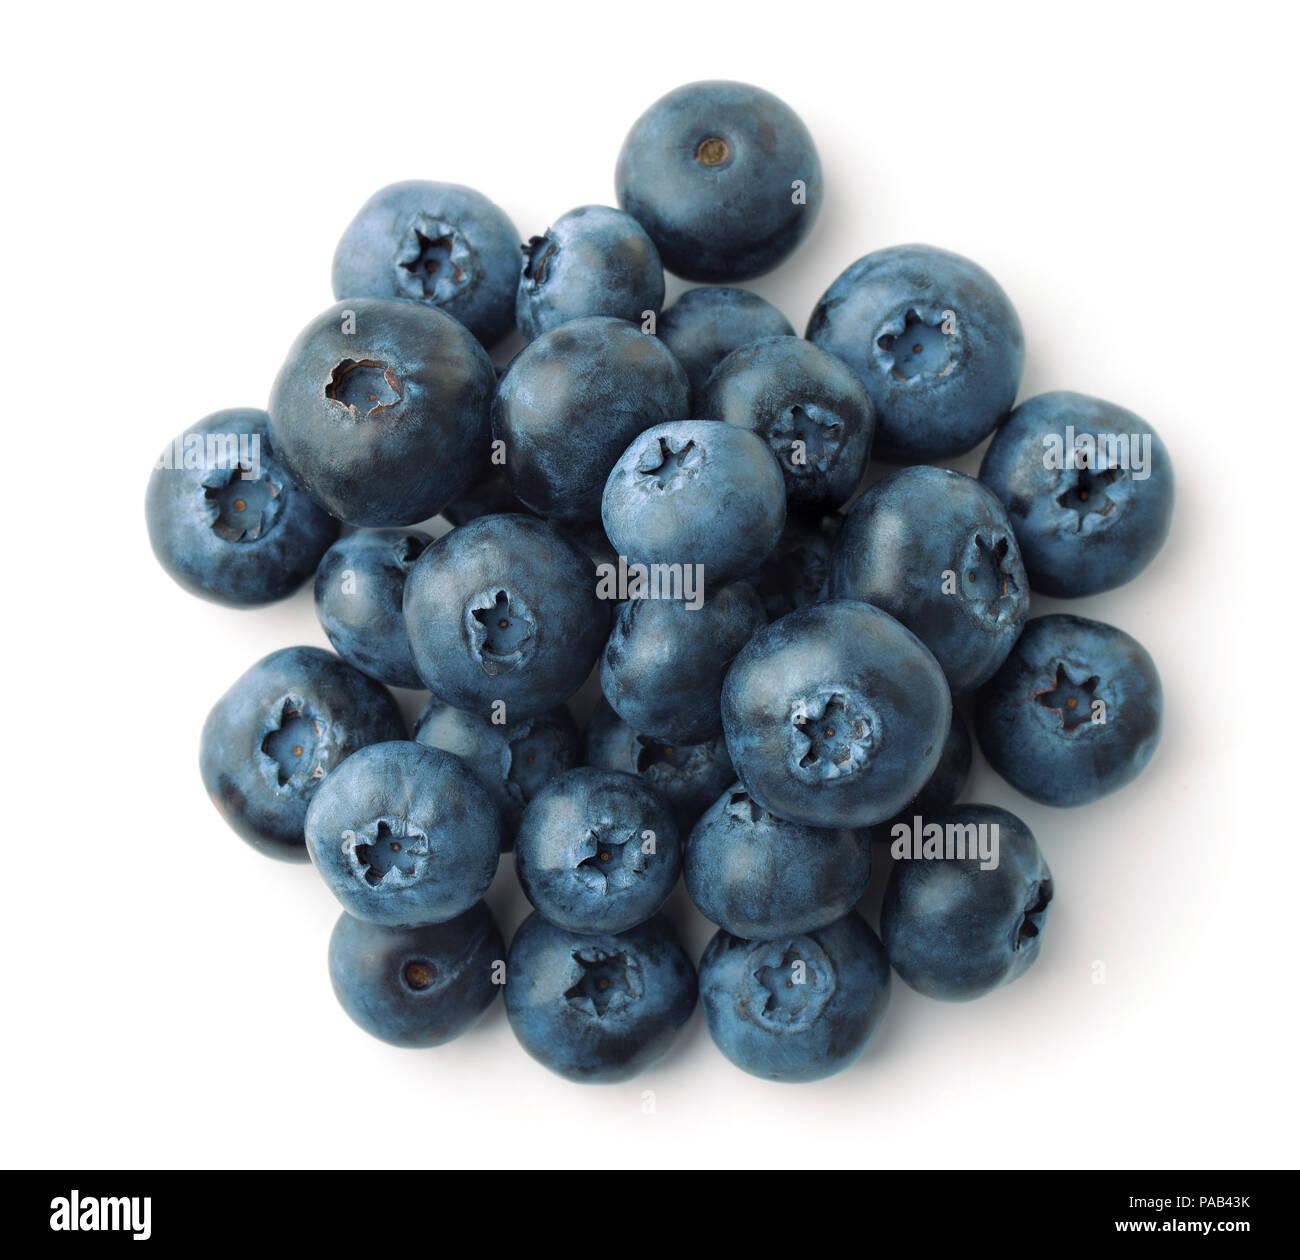 Vue de dessus de bleuets heap isolated on white Banque D'Images